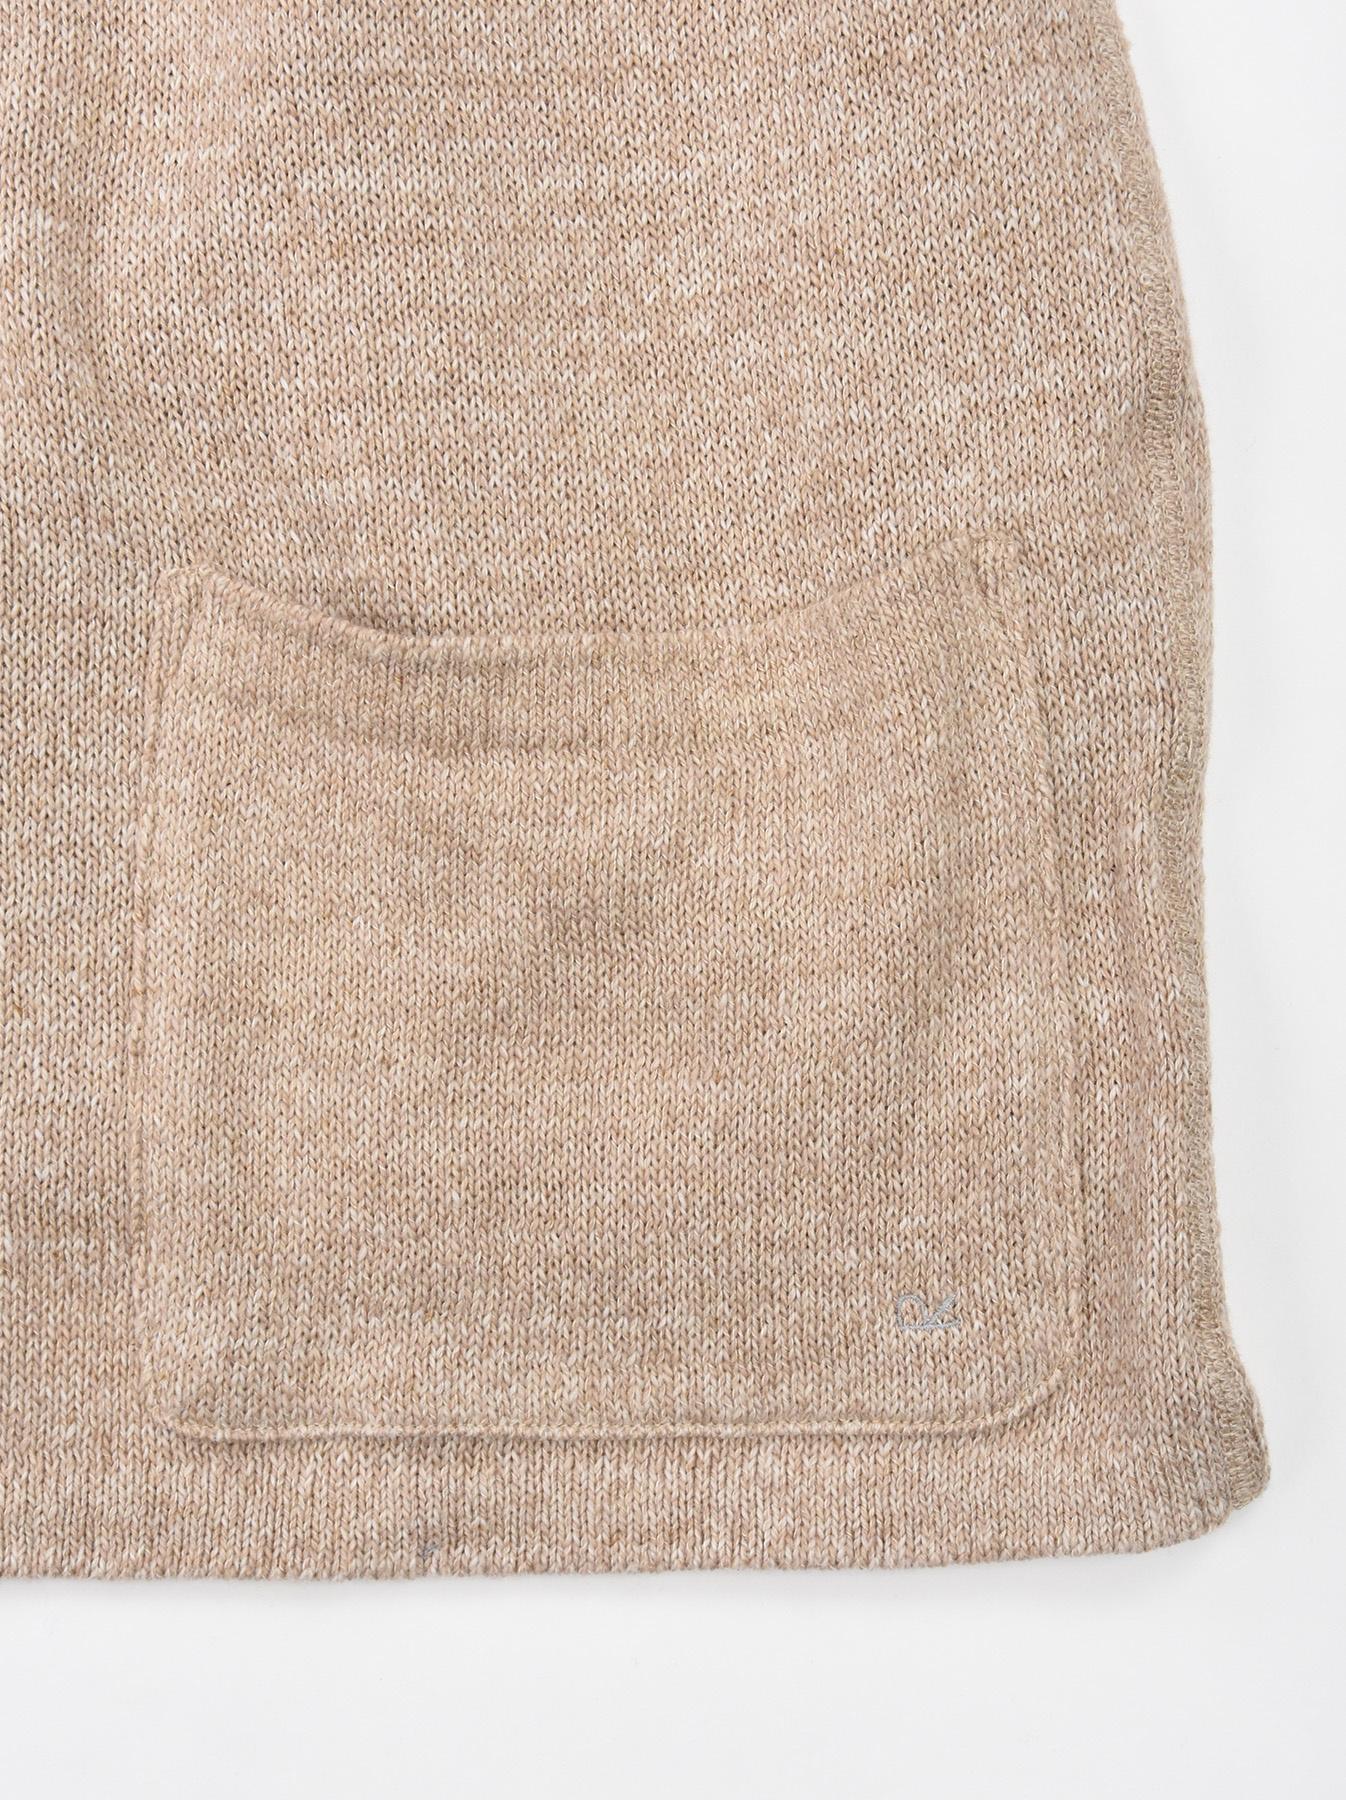 Zimbabwe Cotton Knit-sew 908 Uma Sweater-10